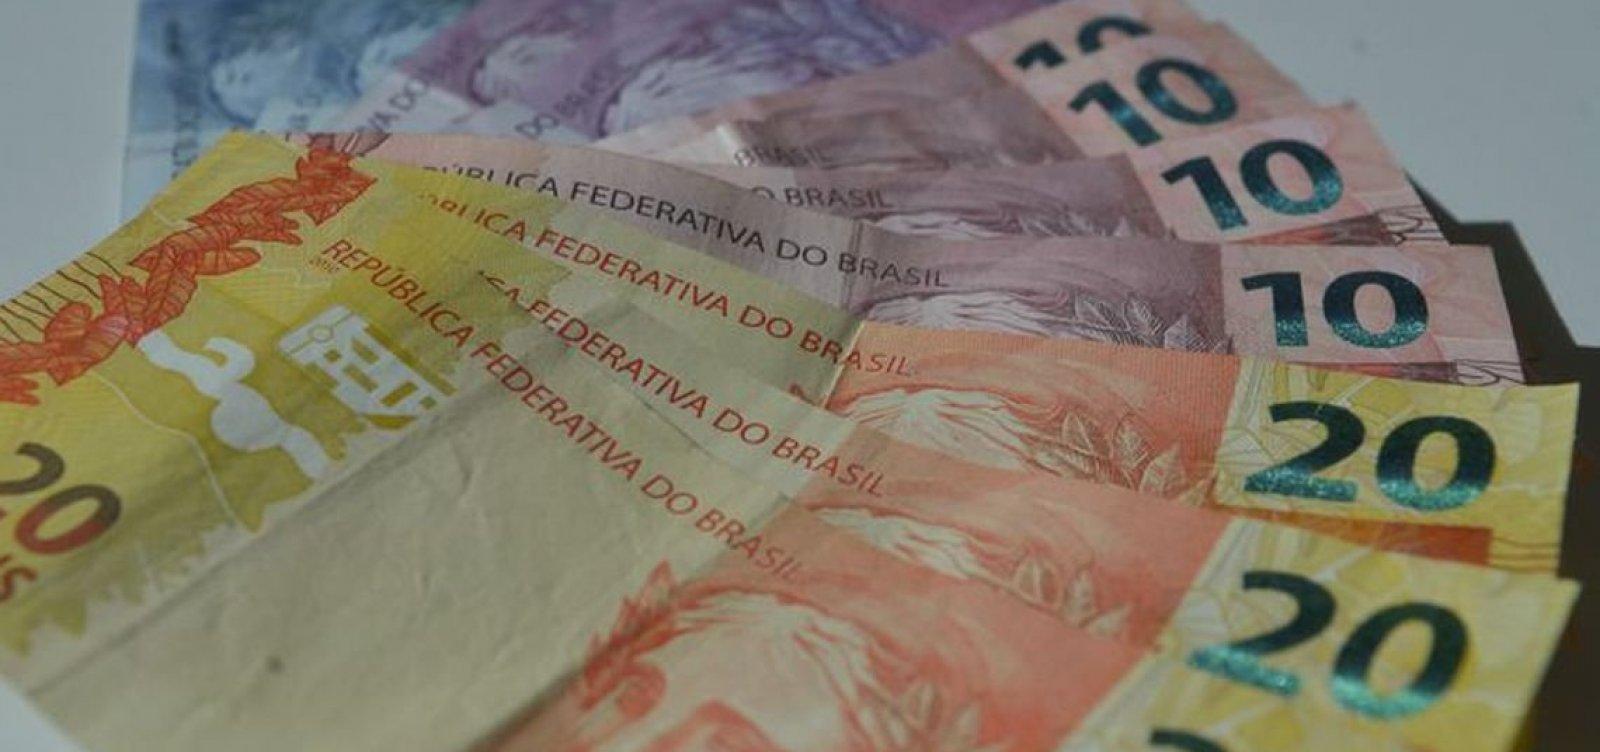 Feirão online para renegociar dívidas começa hoje; descontos chegam a 98%